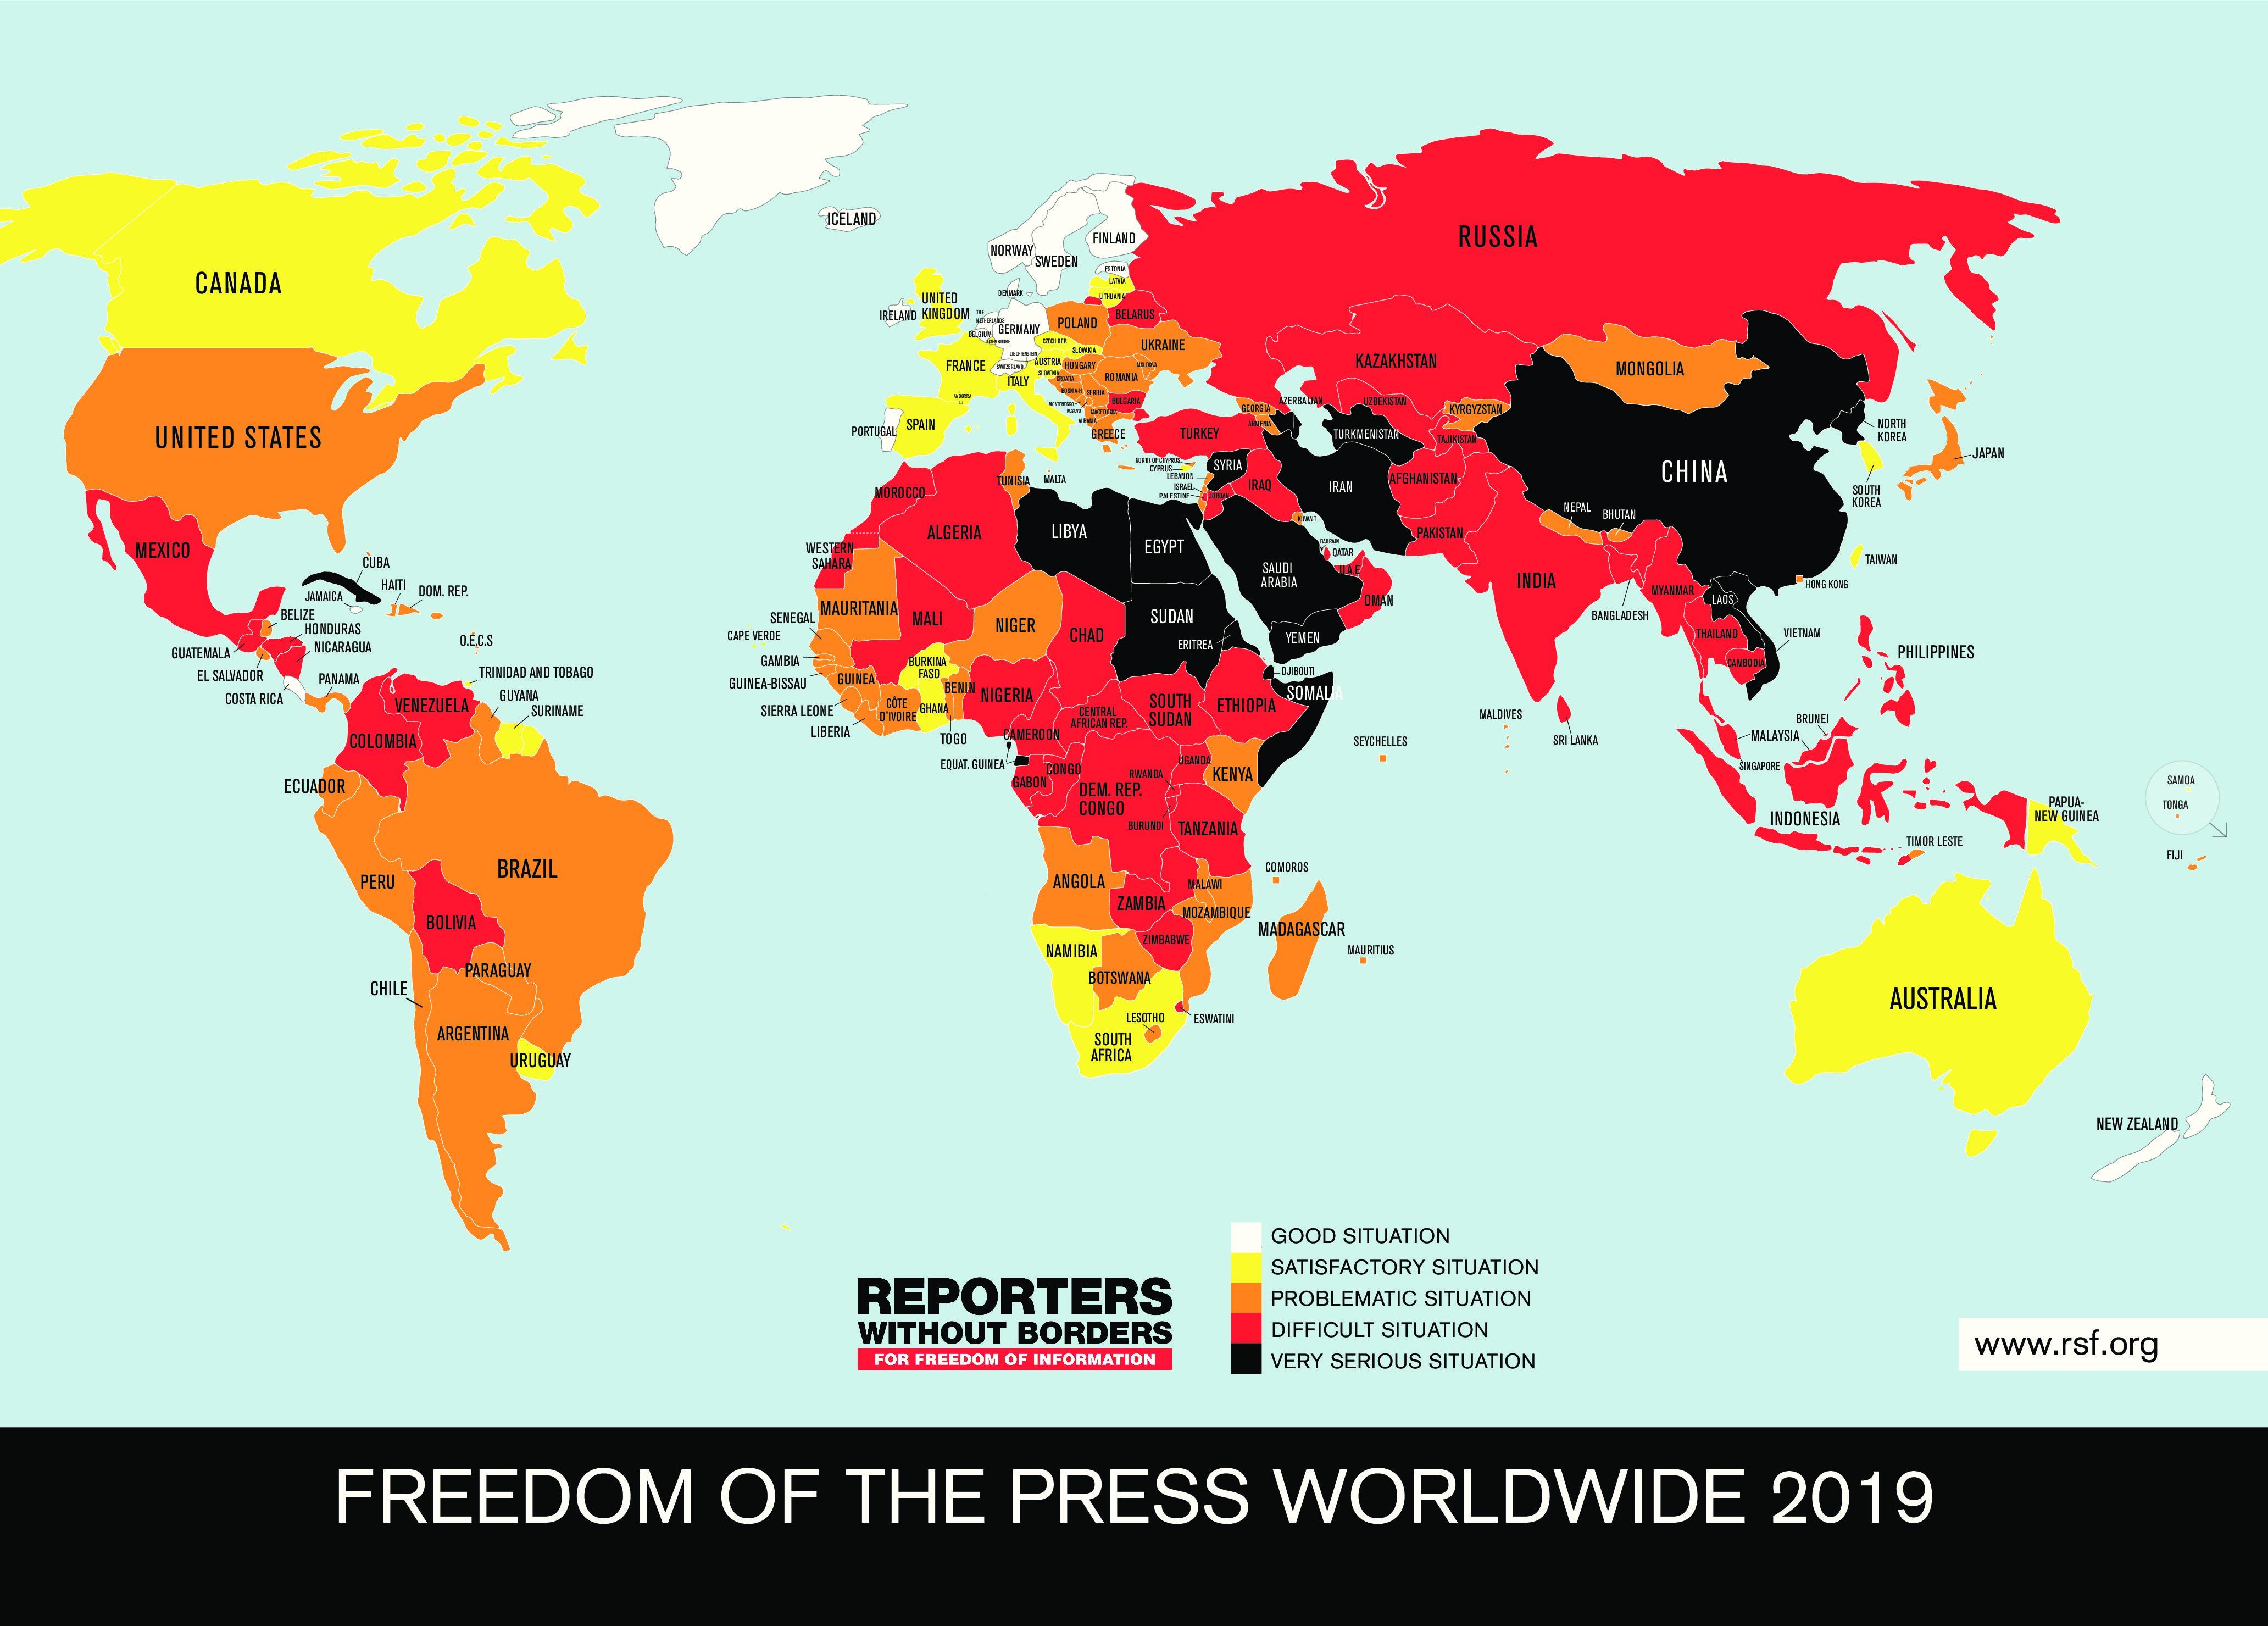 ROG-Rangliste 2019: Die Schweiz ist nach wie vor gut platziert,  doch die wirtschaftliche Situation der Medien ist alarmierend